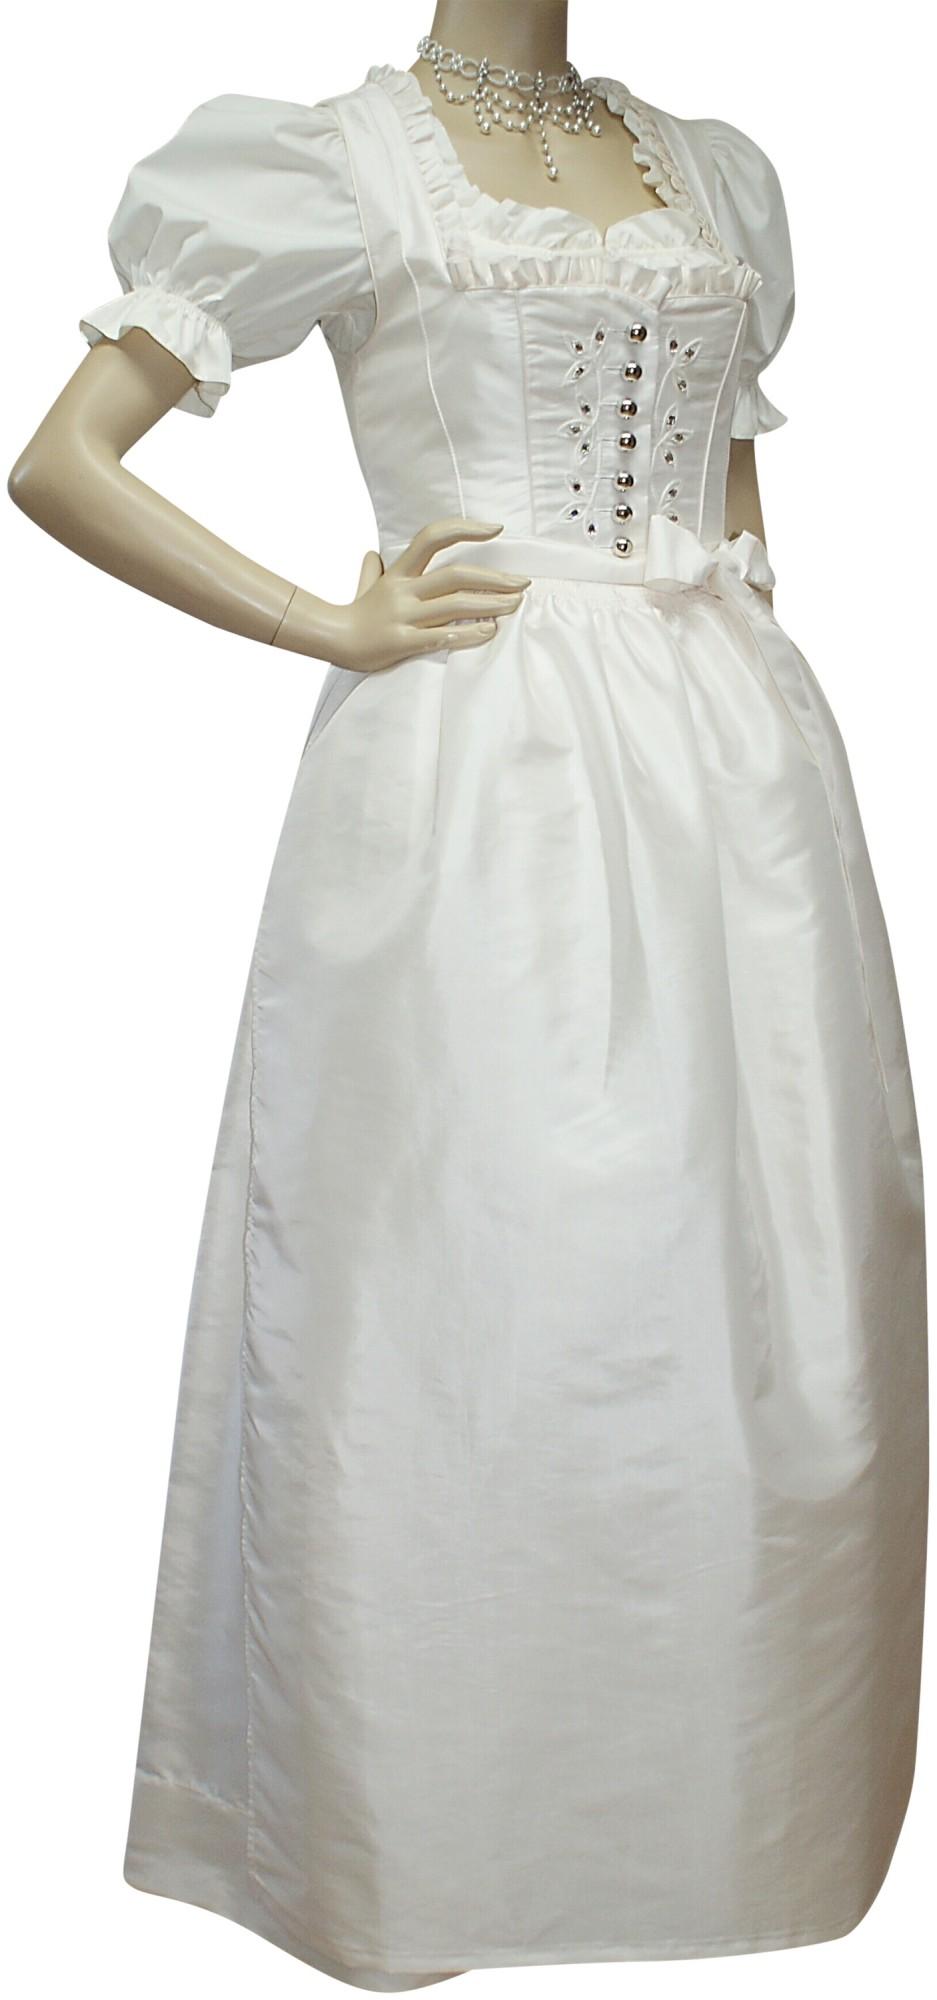 36 50 hochzeitskleid dirndl brautkleid bluse brautdirndl. Black Bedroom Furniture Sets. Home Design Ideas